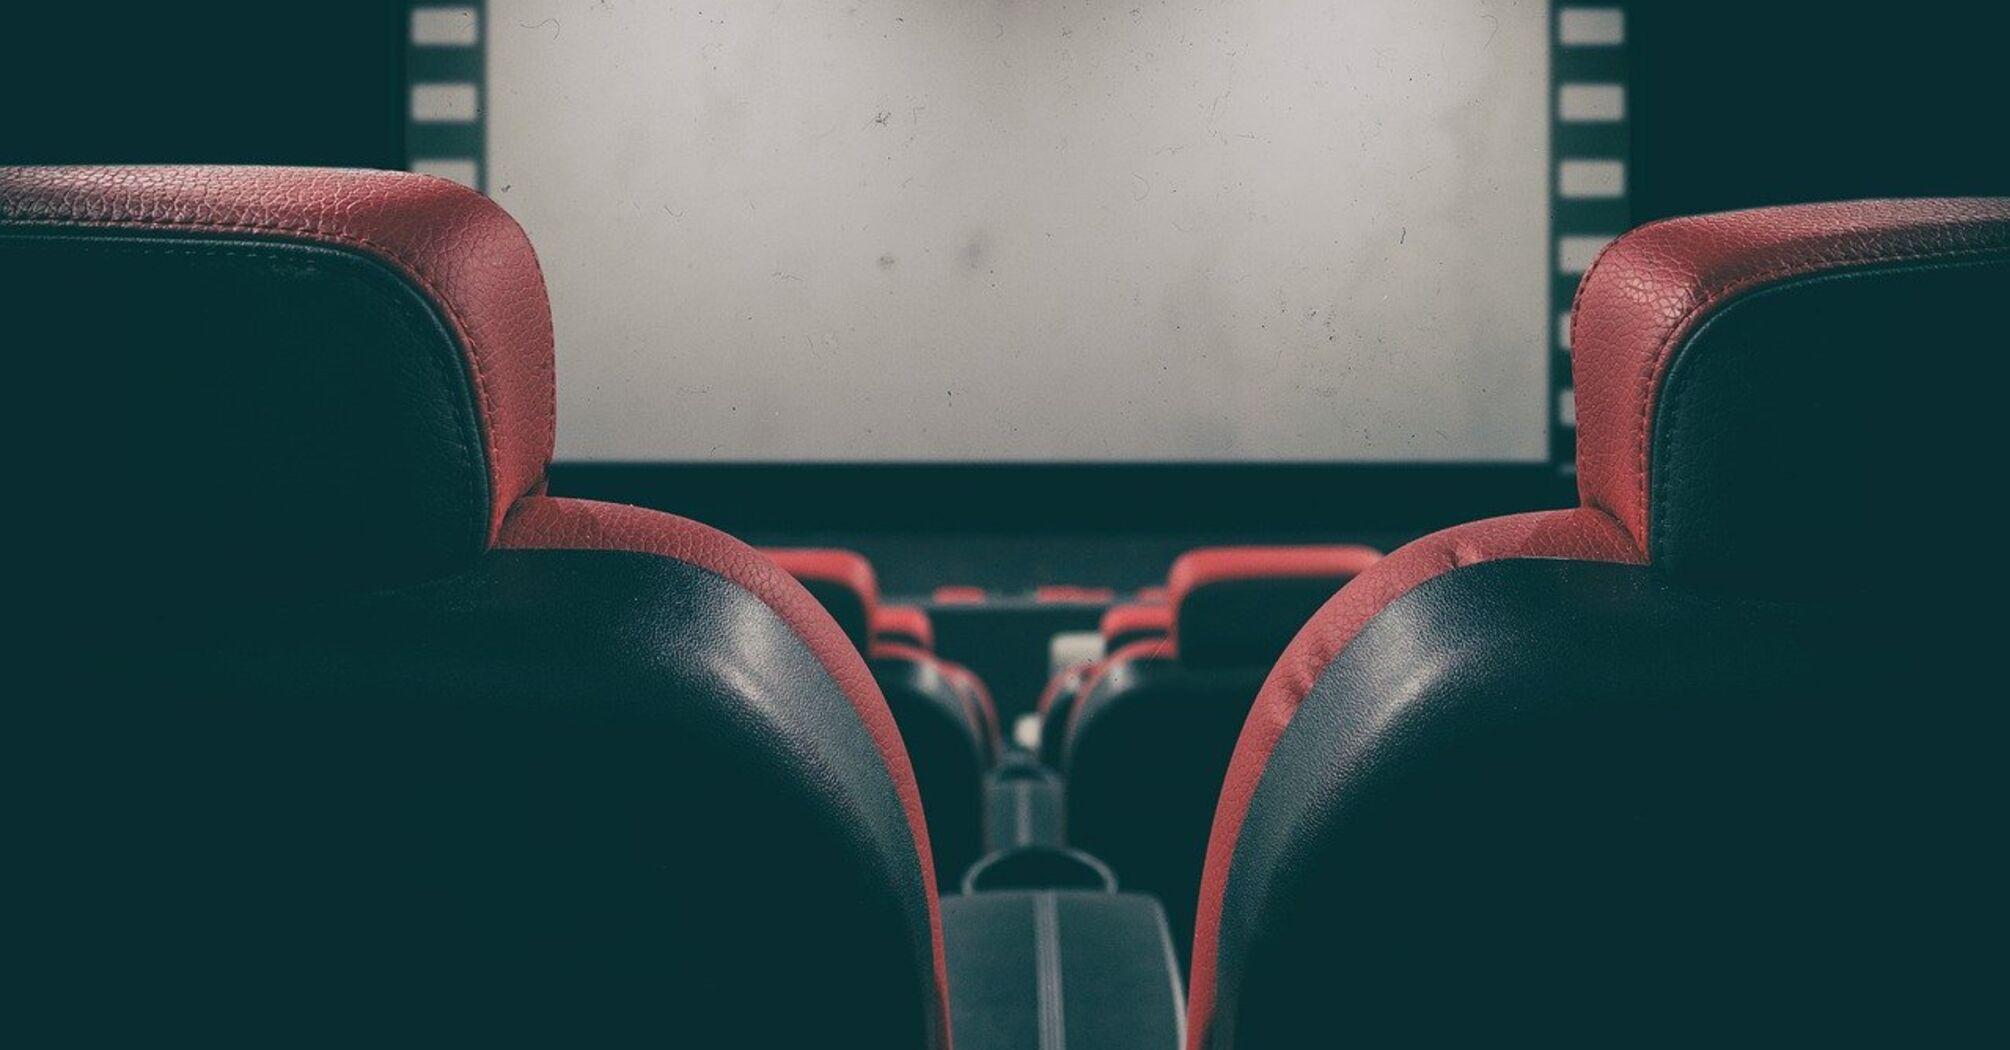 В Україні запрацювали кінотеатри: які правила для відвідувачів